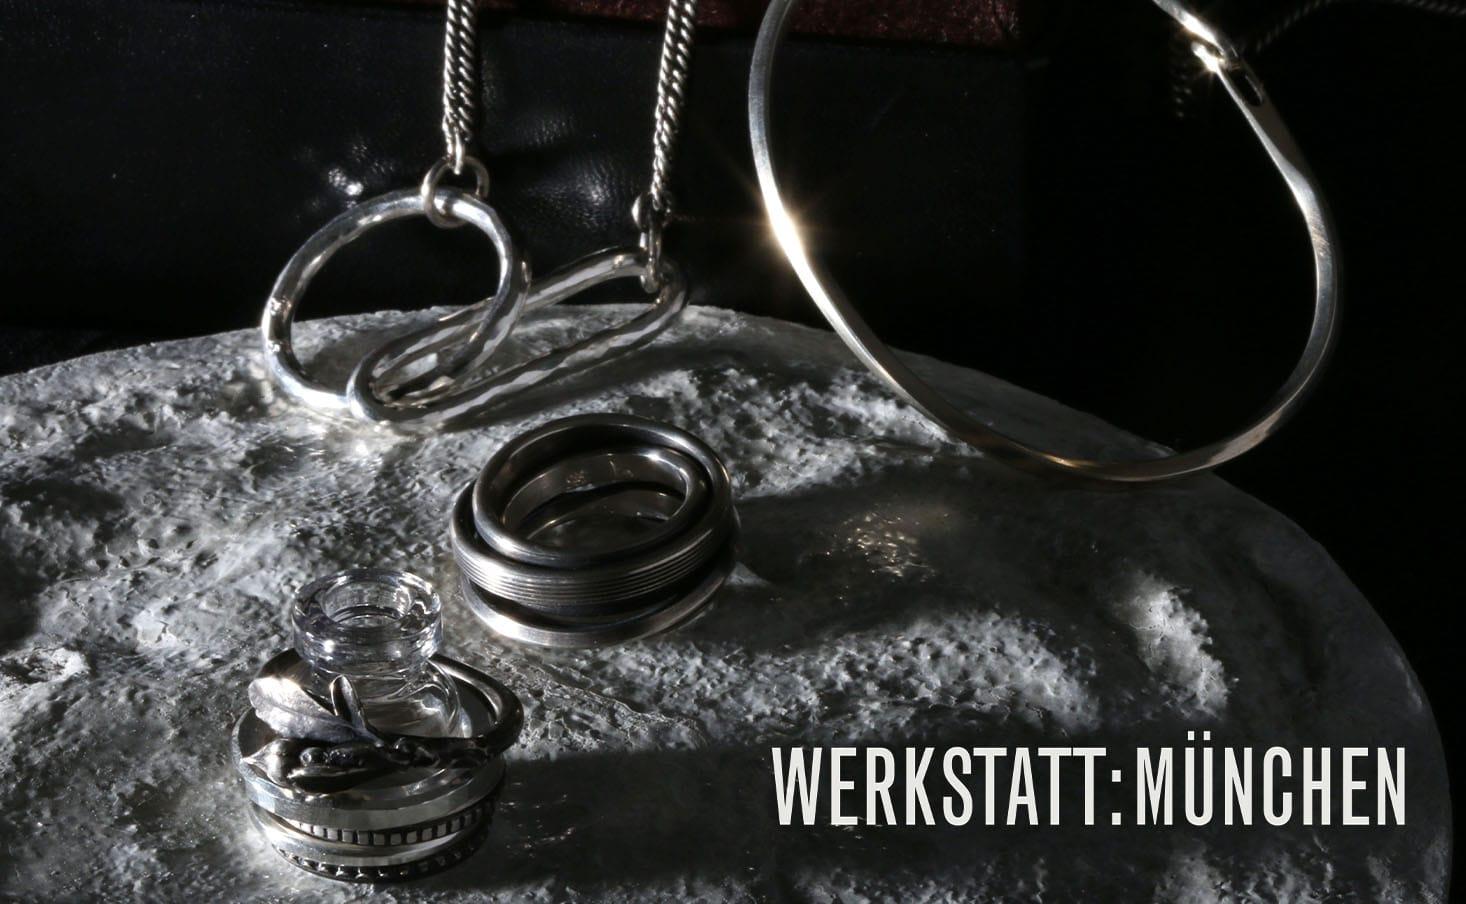 WERKSTATT:MÜNCHEN 2019-20AW collection